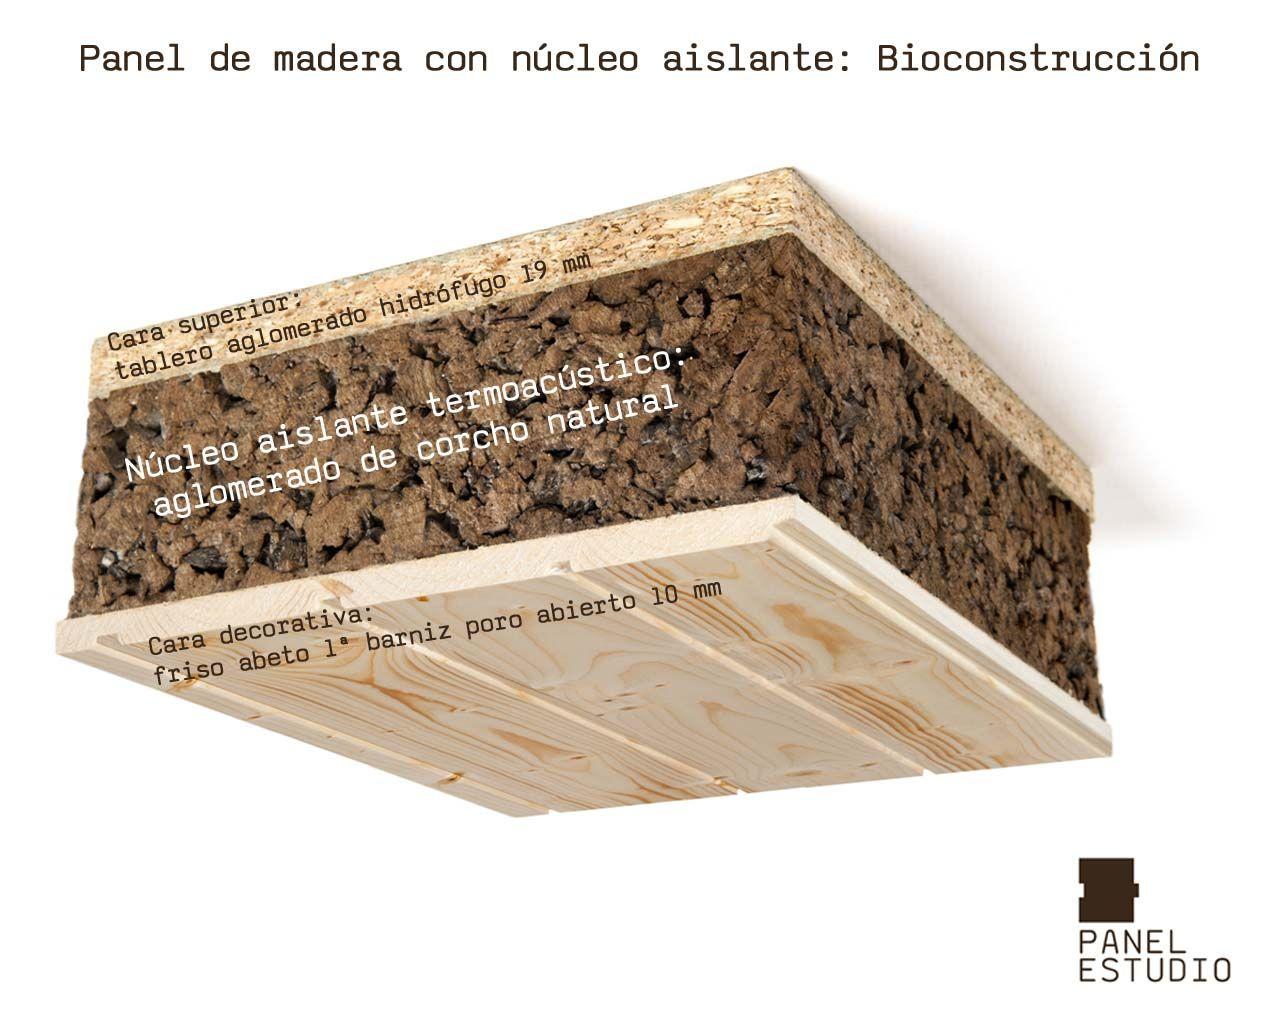 Bioconstrucci n y corcho natural panel de madera con for Panel aislante termico